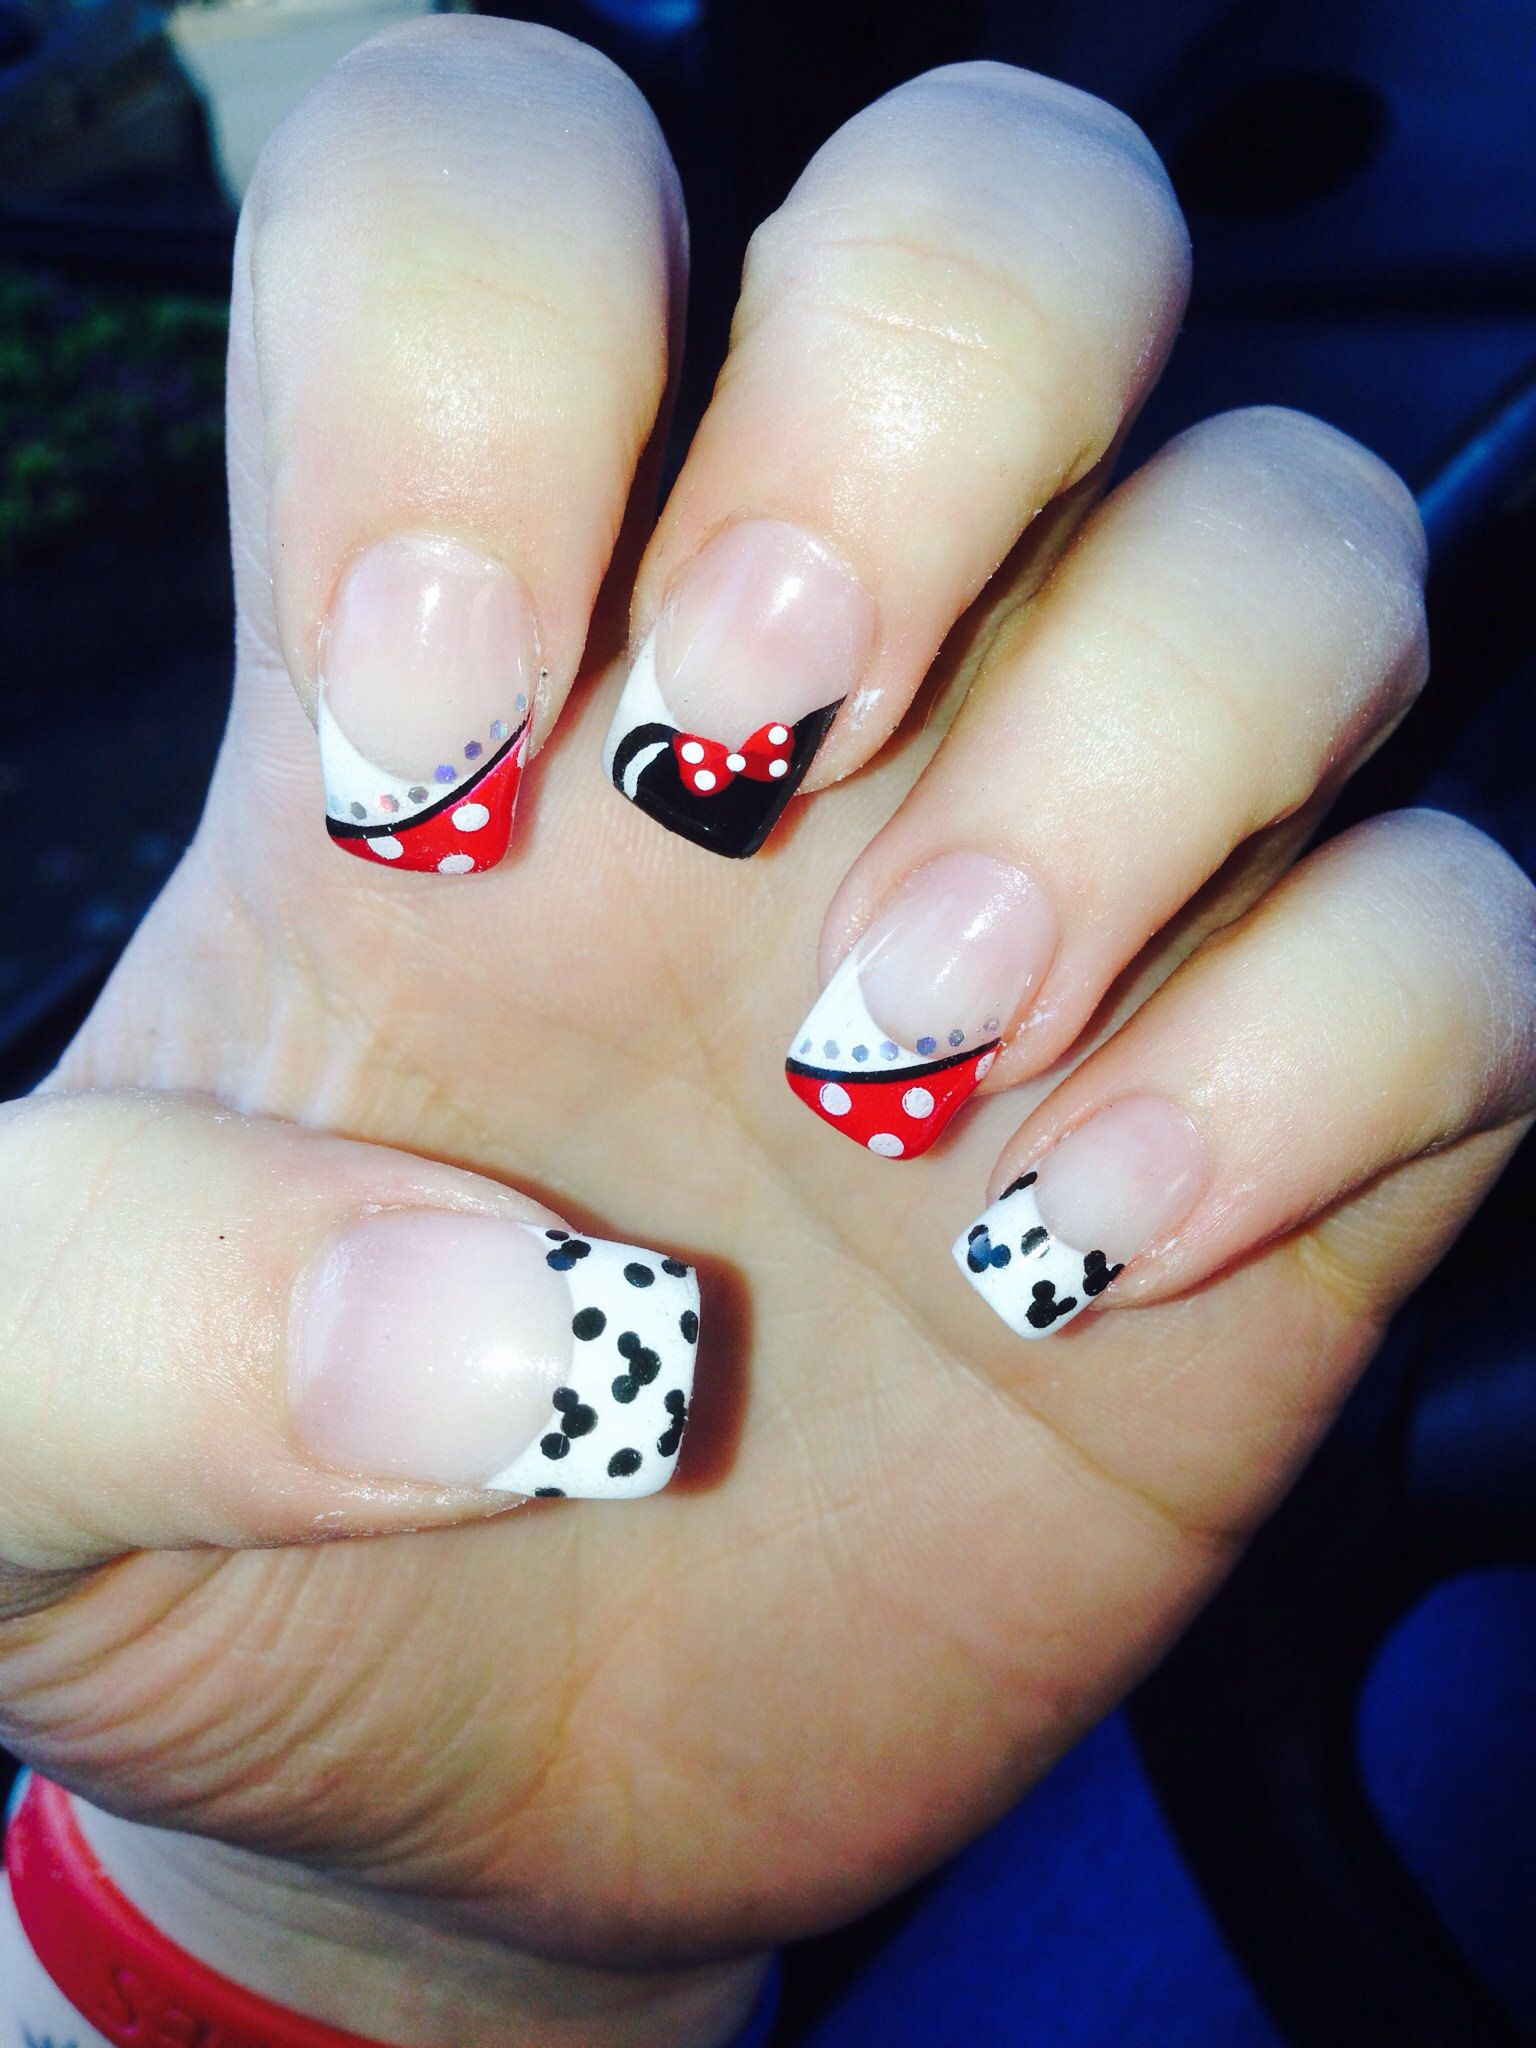 Disney Nail Art Minnie Mouse - Disney Nail Art Minnie Mouse Our Next Disney Cruise Pinterest